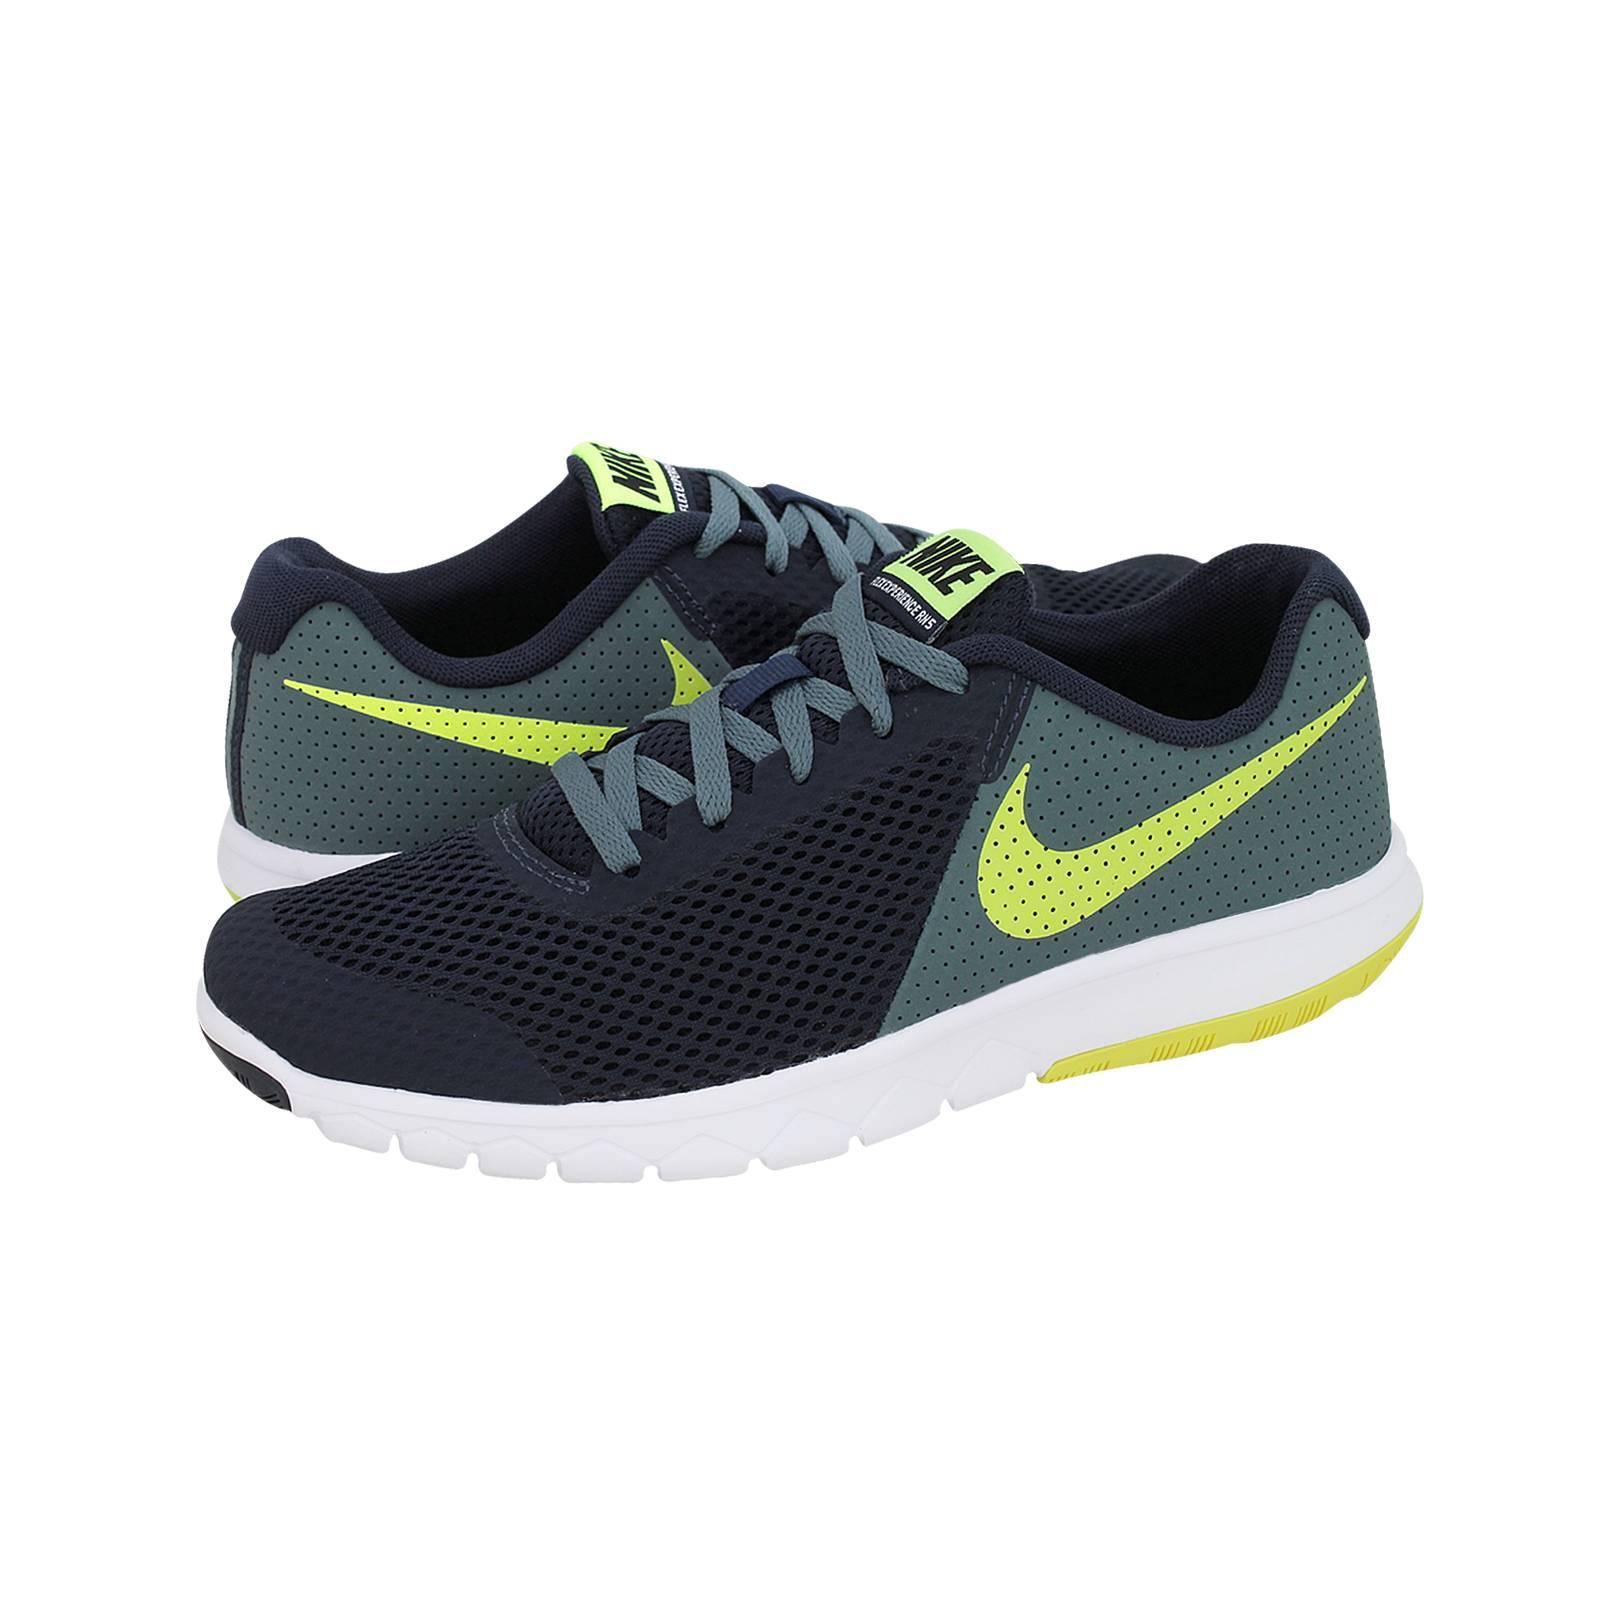 Flex Experience 5 - Παιδικά αθλητικά παπούτσια Nike από ύφασμα και ... b340f1a00b7